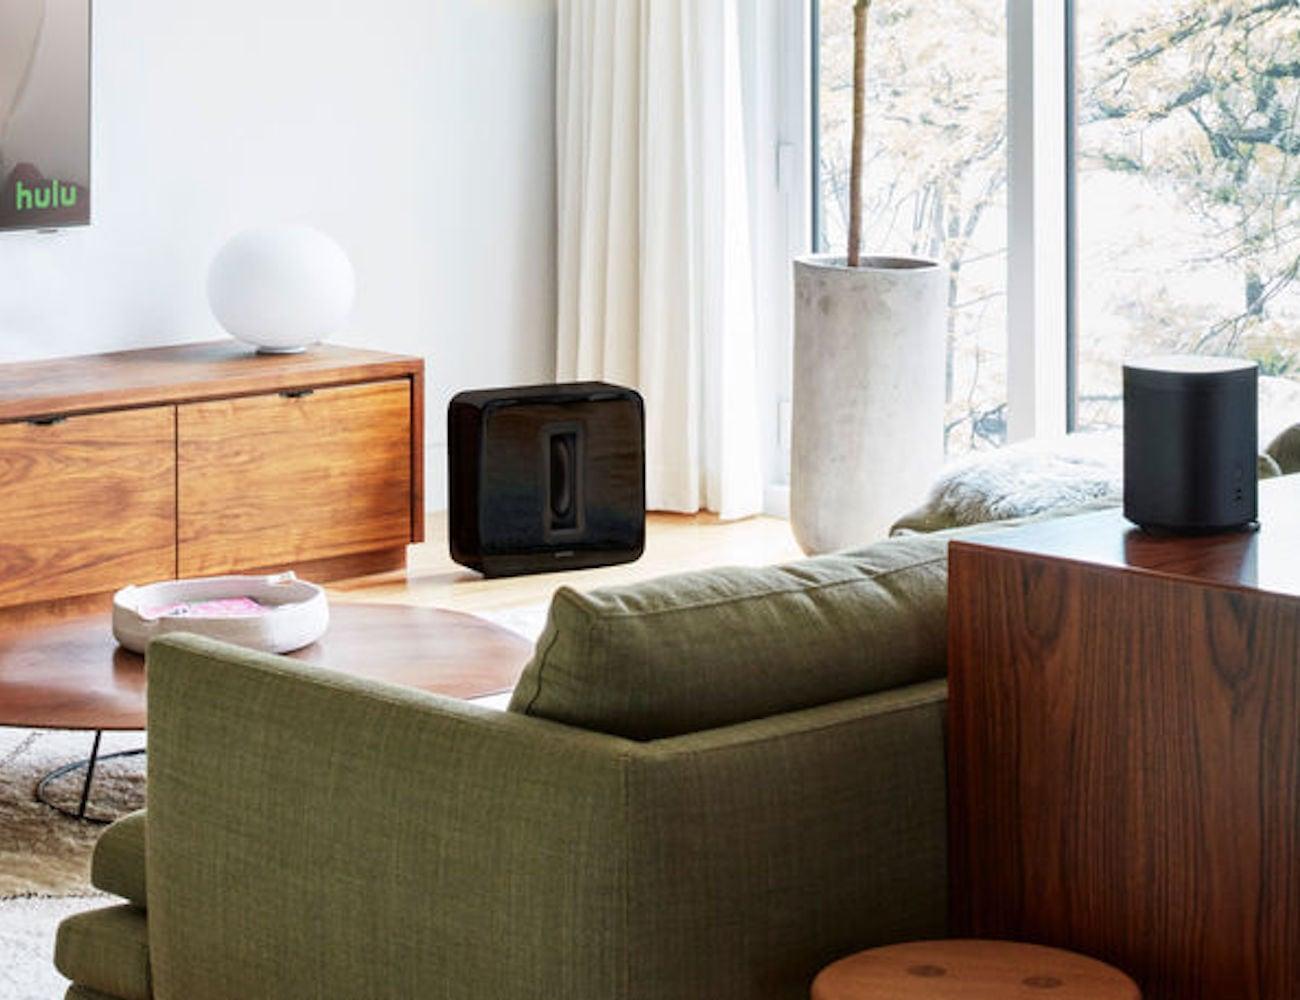 Sonos One Gen 2 Voice Control Smart Speaker